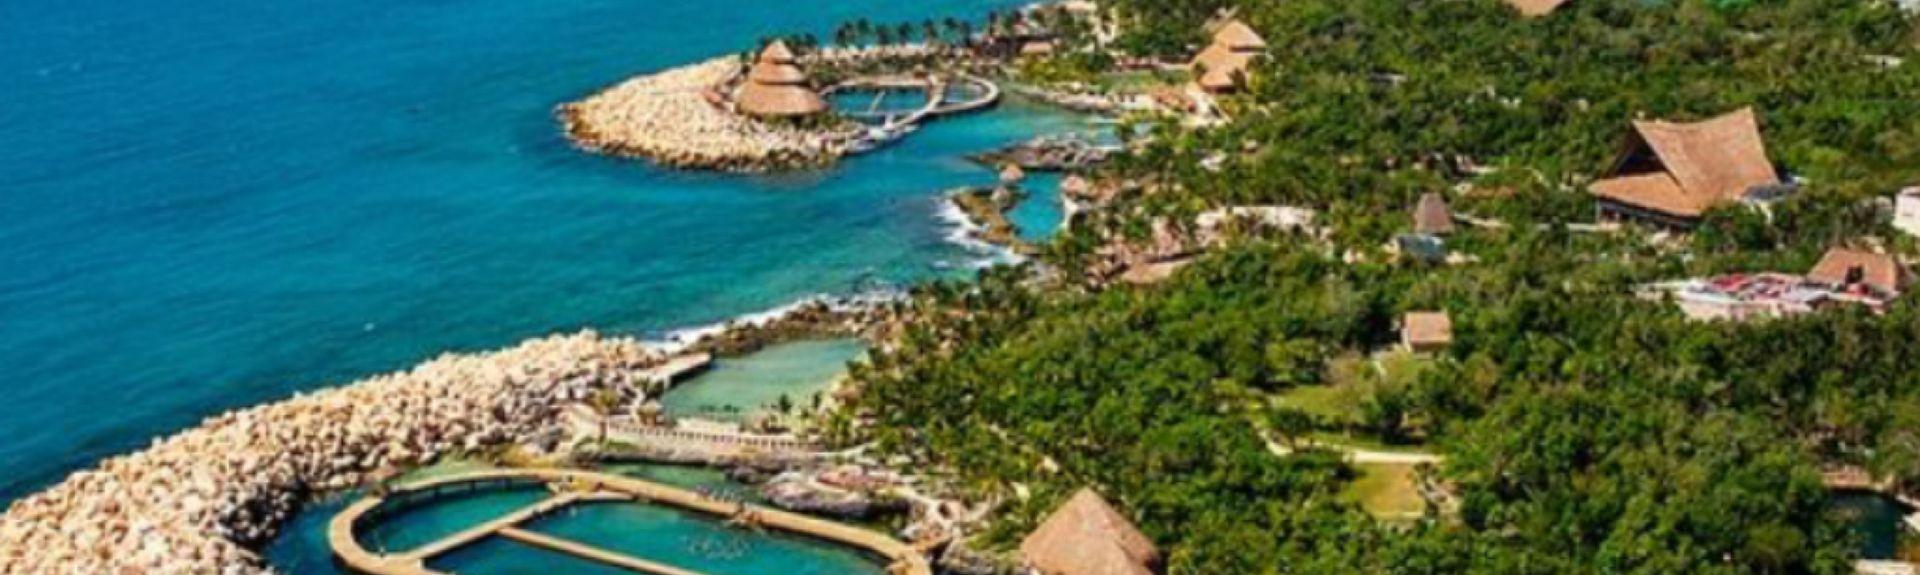 Natz Ti Ha (Playa del Carmen, Quintana Roo, Mexique)